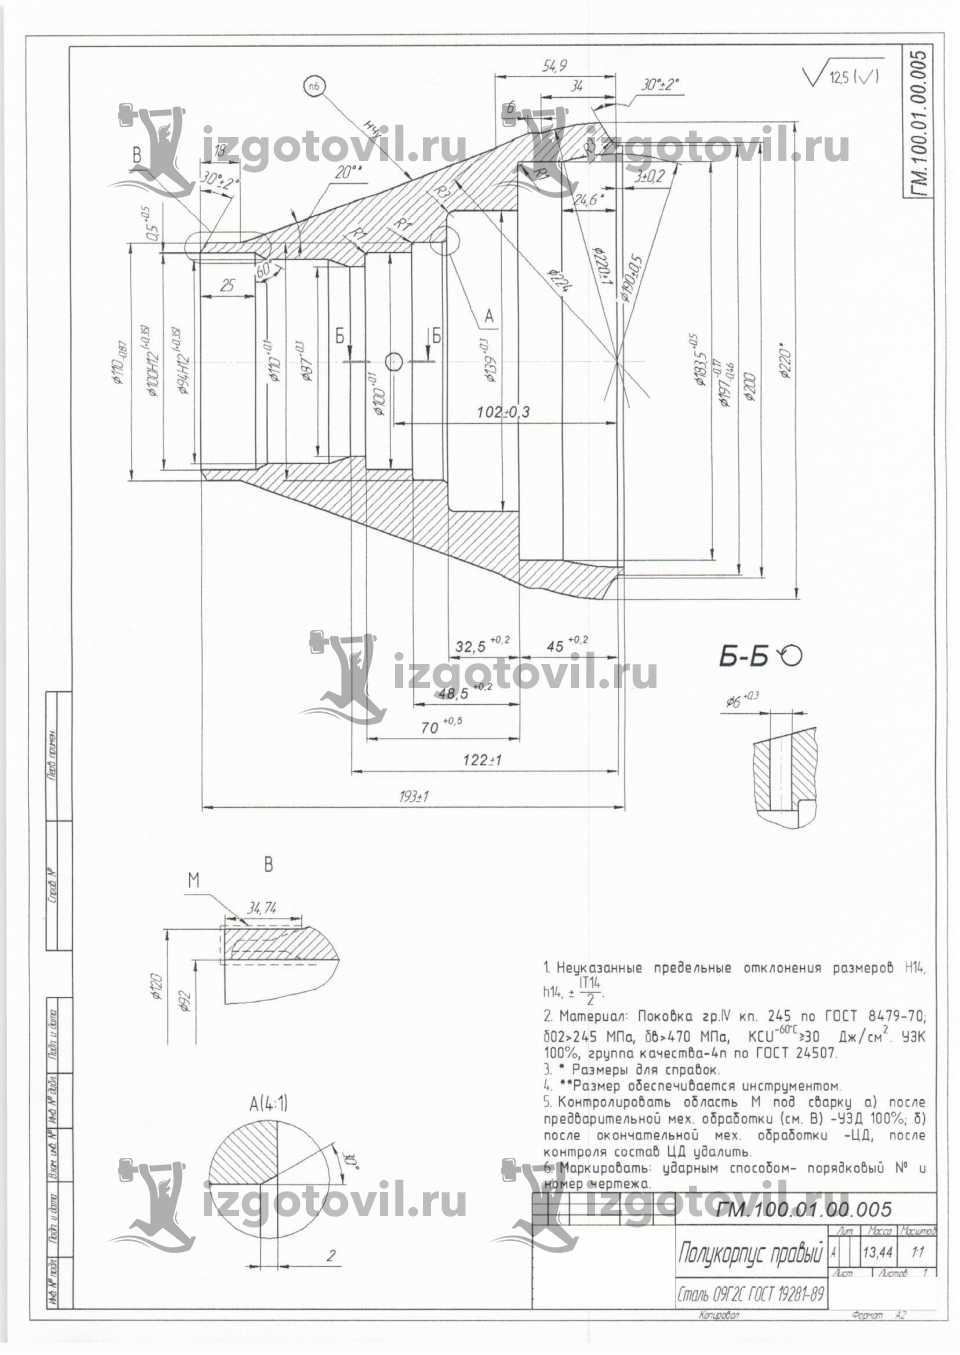 Токарная обработка ЧПУ - изготовление правого полукорпуса